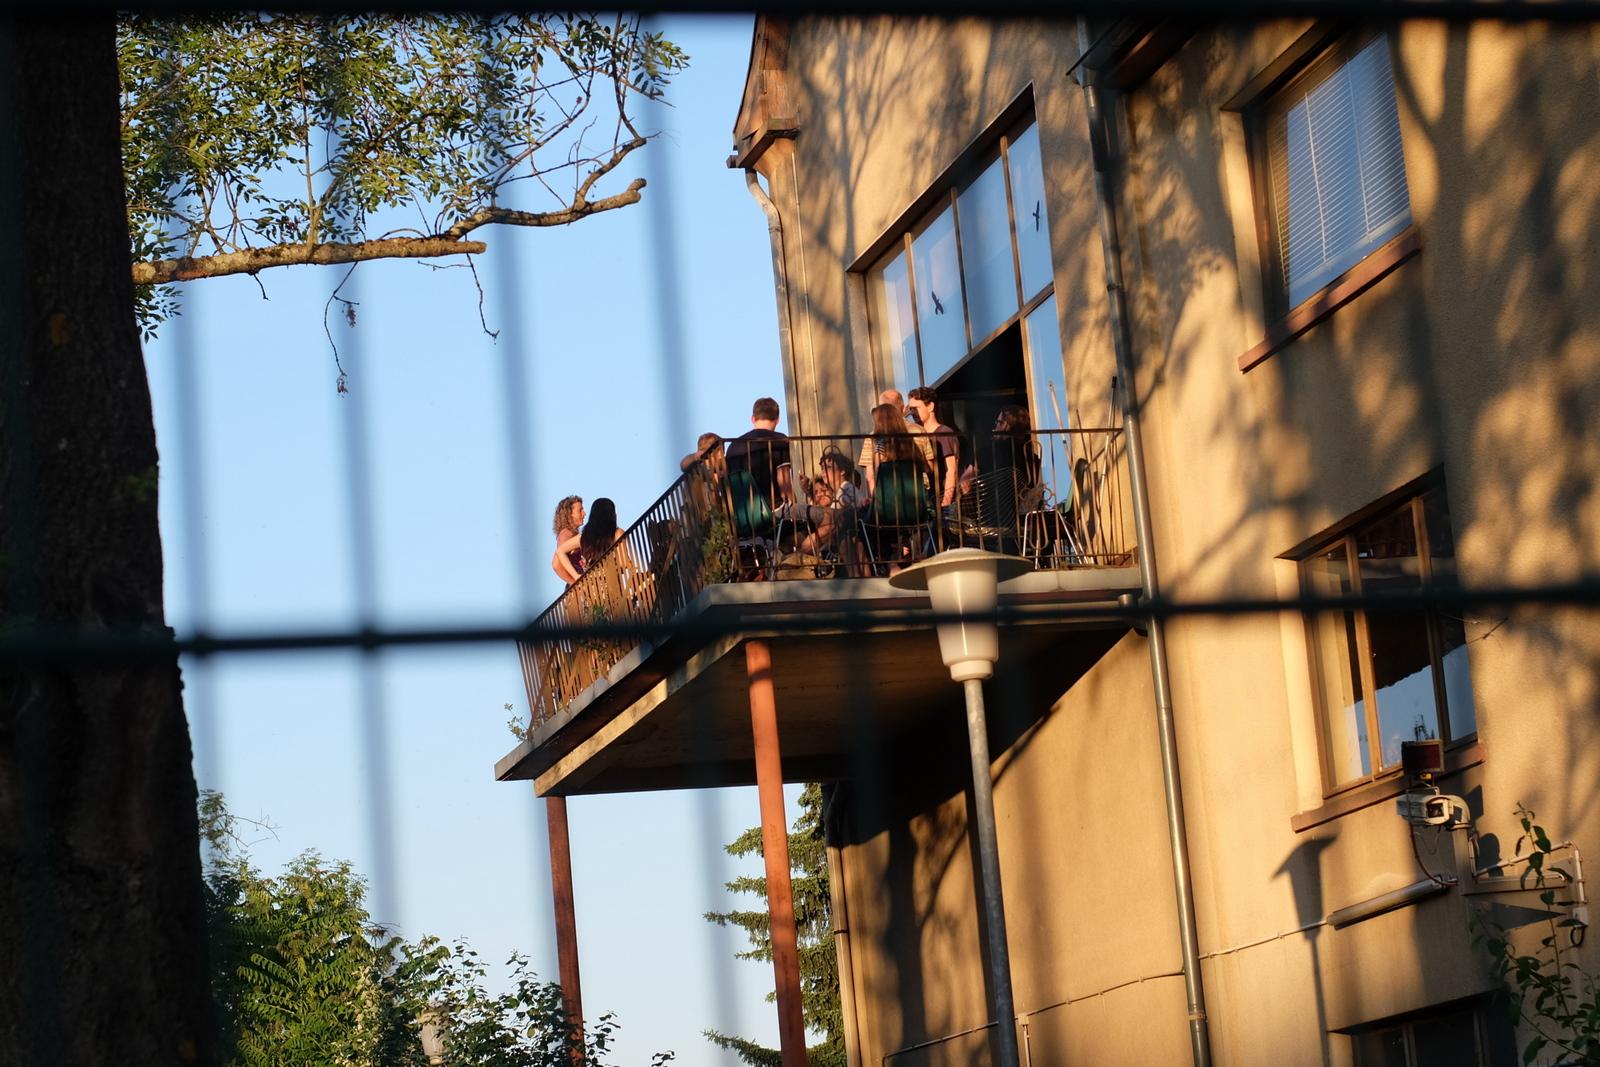 apartment-von-privat-in-frankfurt-next-to-the-fair-parksidestudios Destinations %Bockenheim